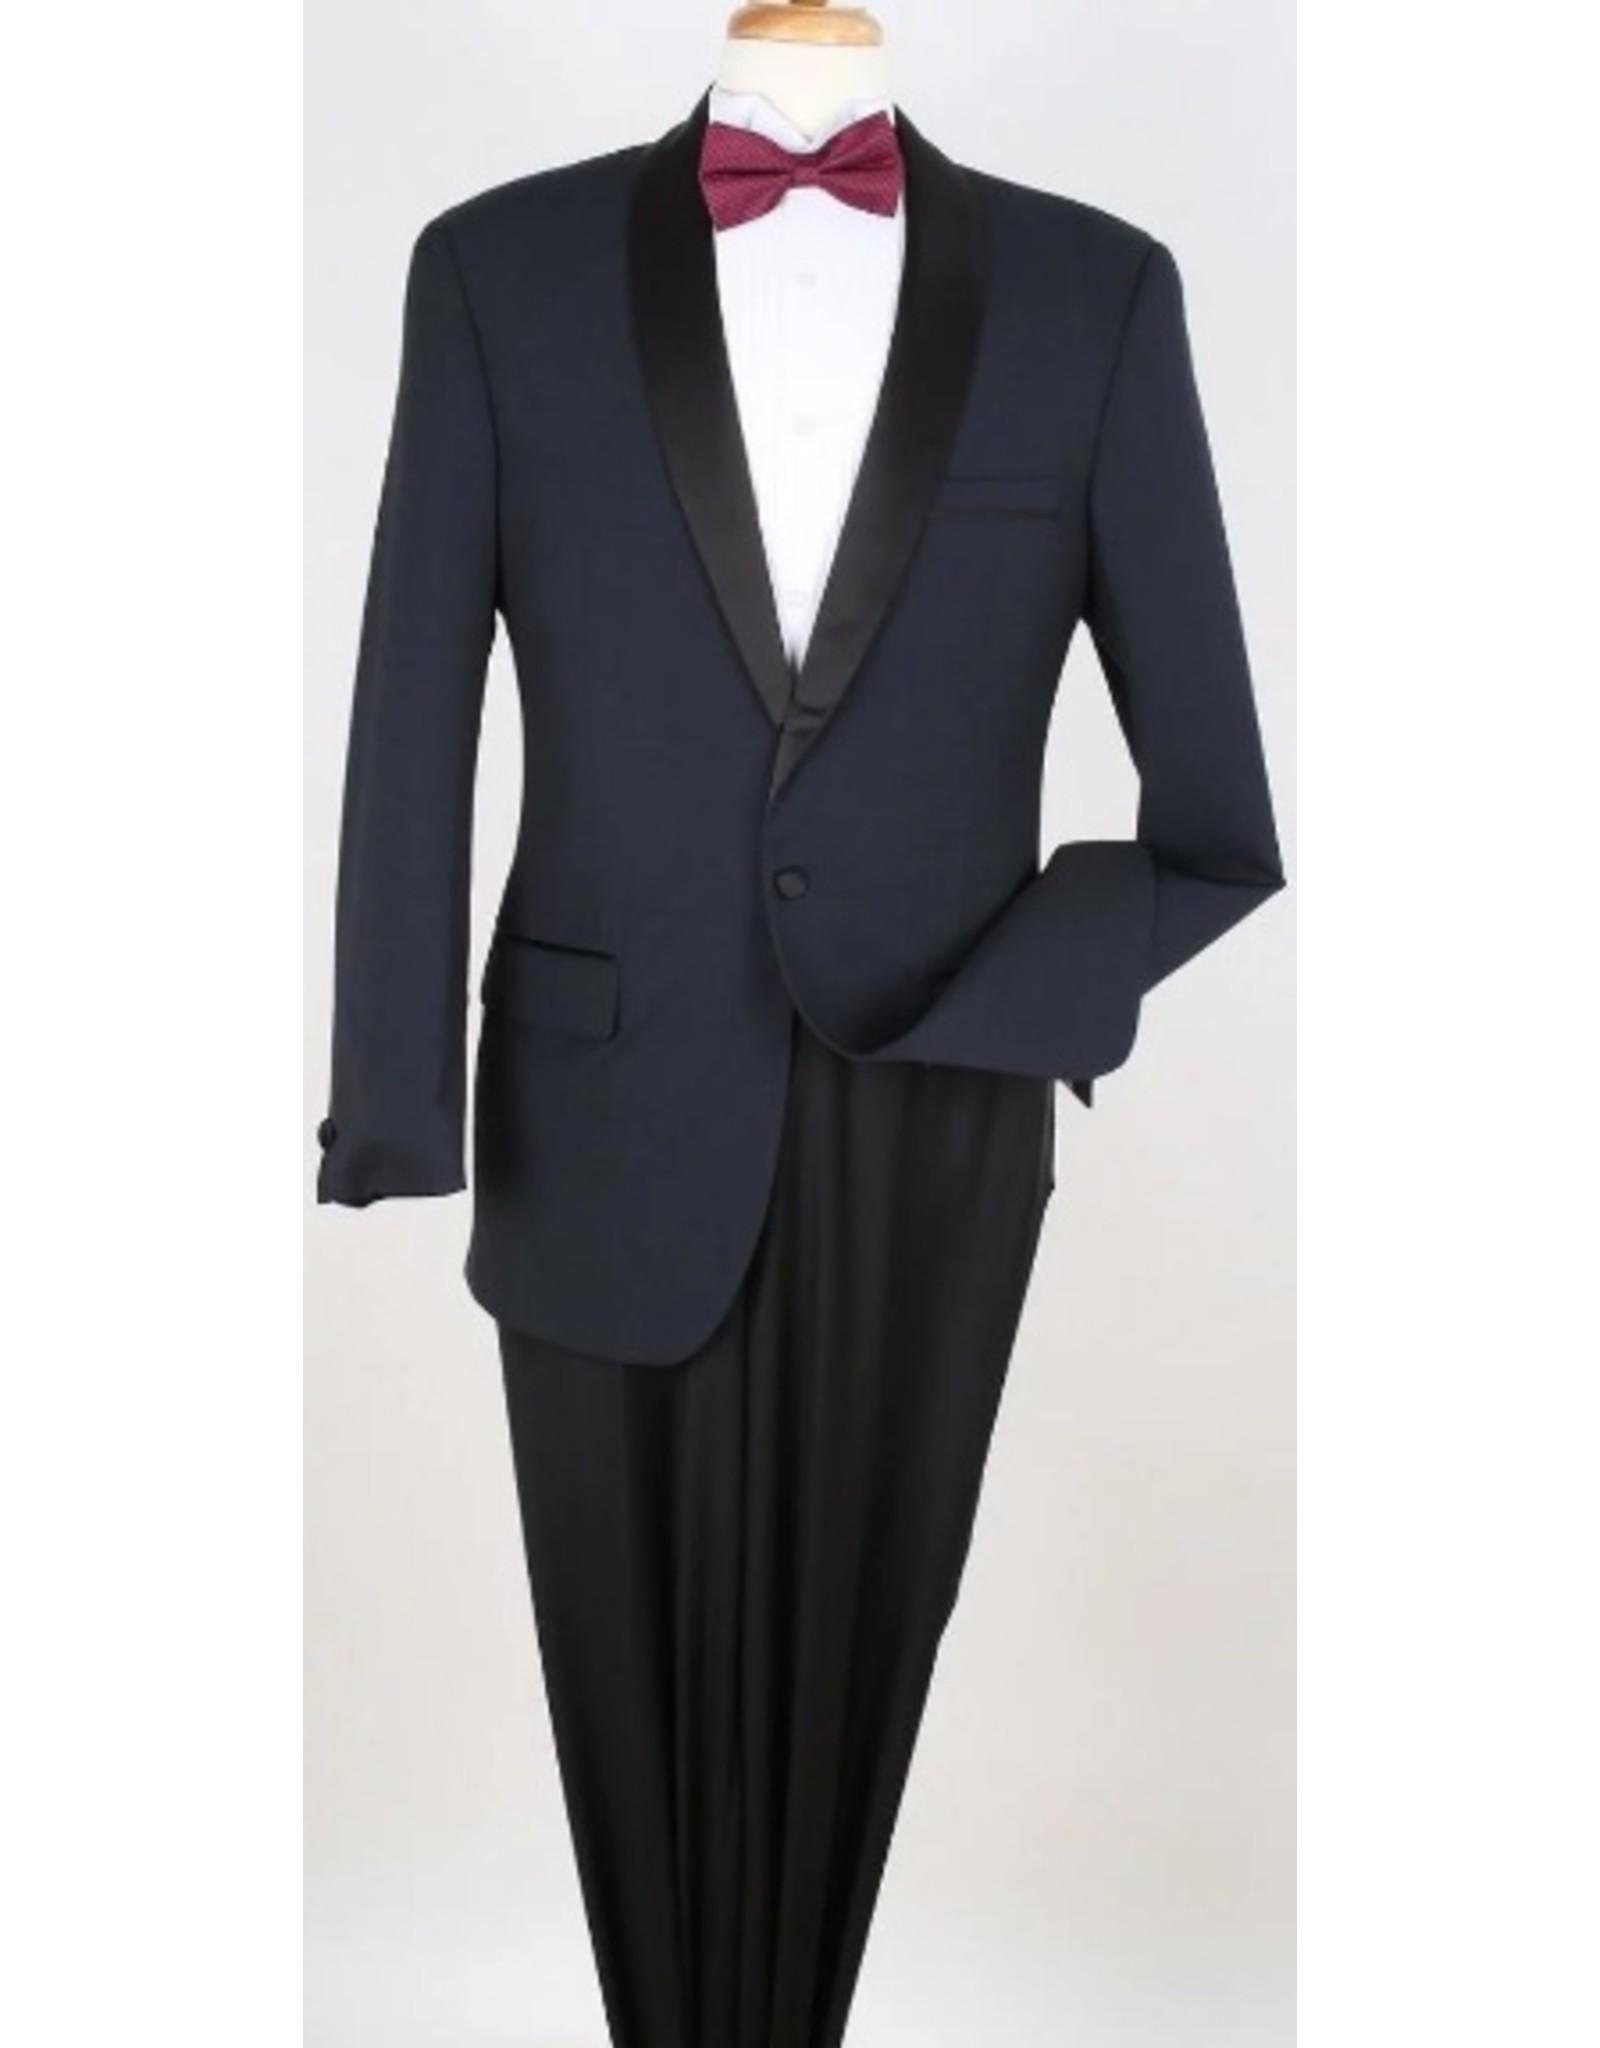 Apollo King Apollo 100% Wool Tuxedo - Navy/Black